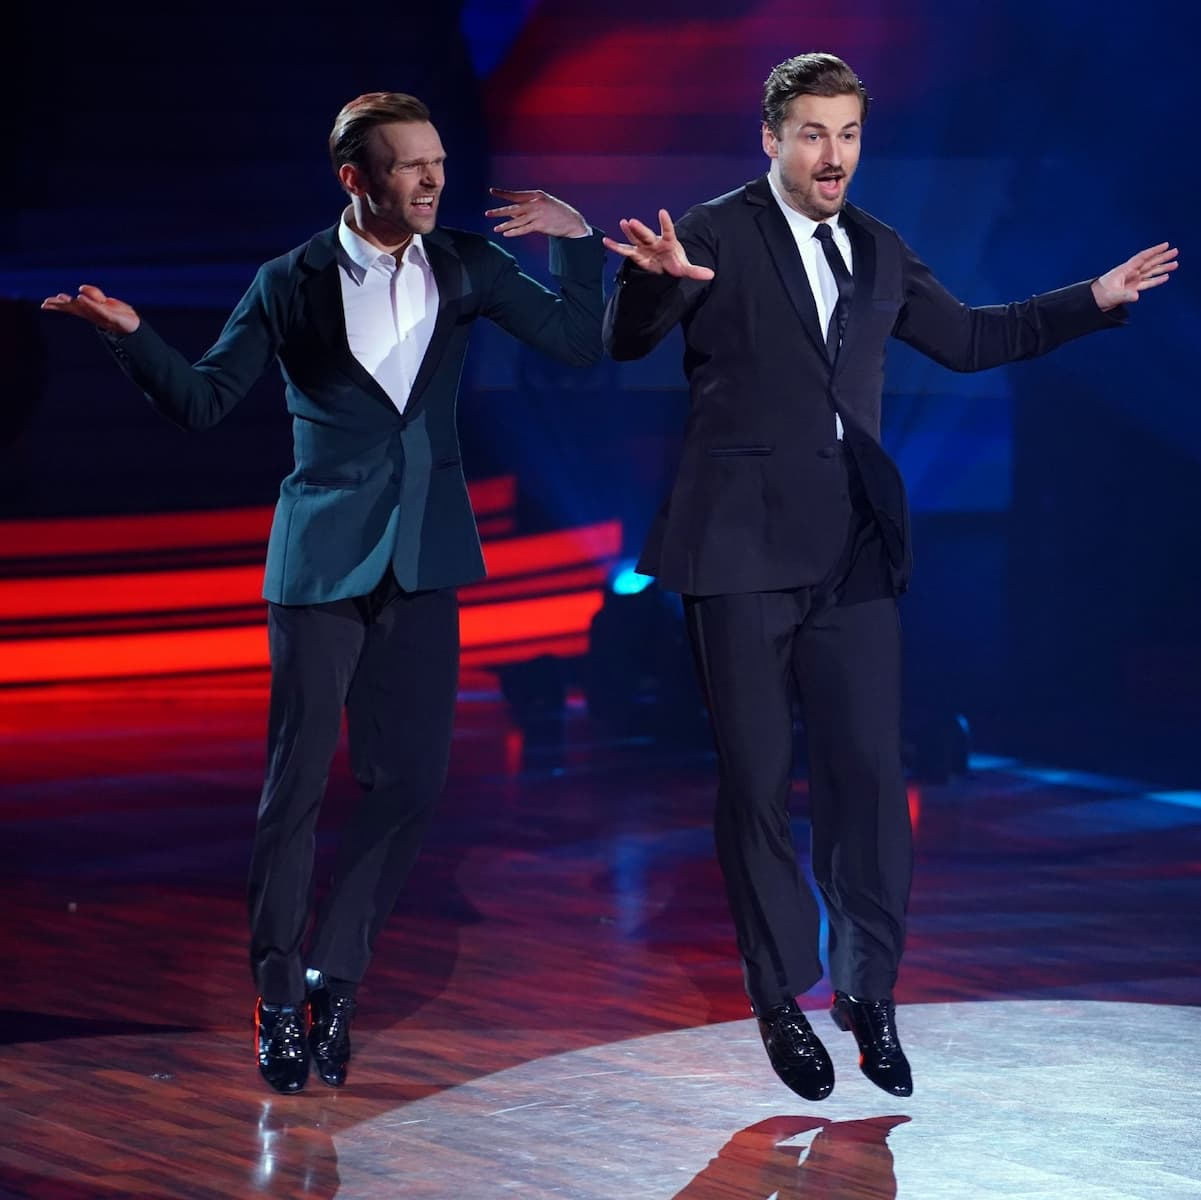 Nicolas Puschmann und Vadim Garbuzov bei Let's dance am 21.5.2021